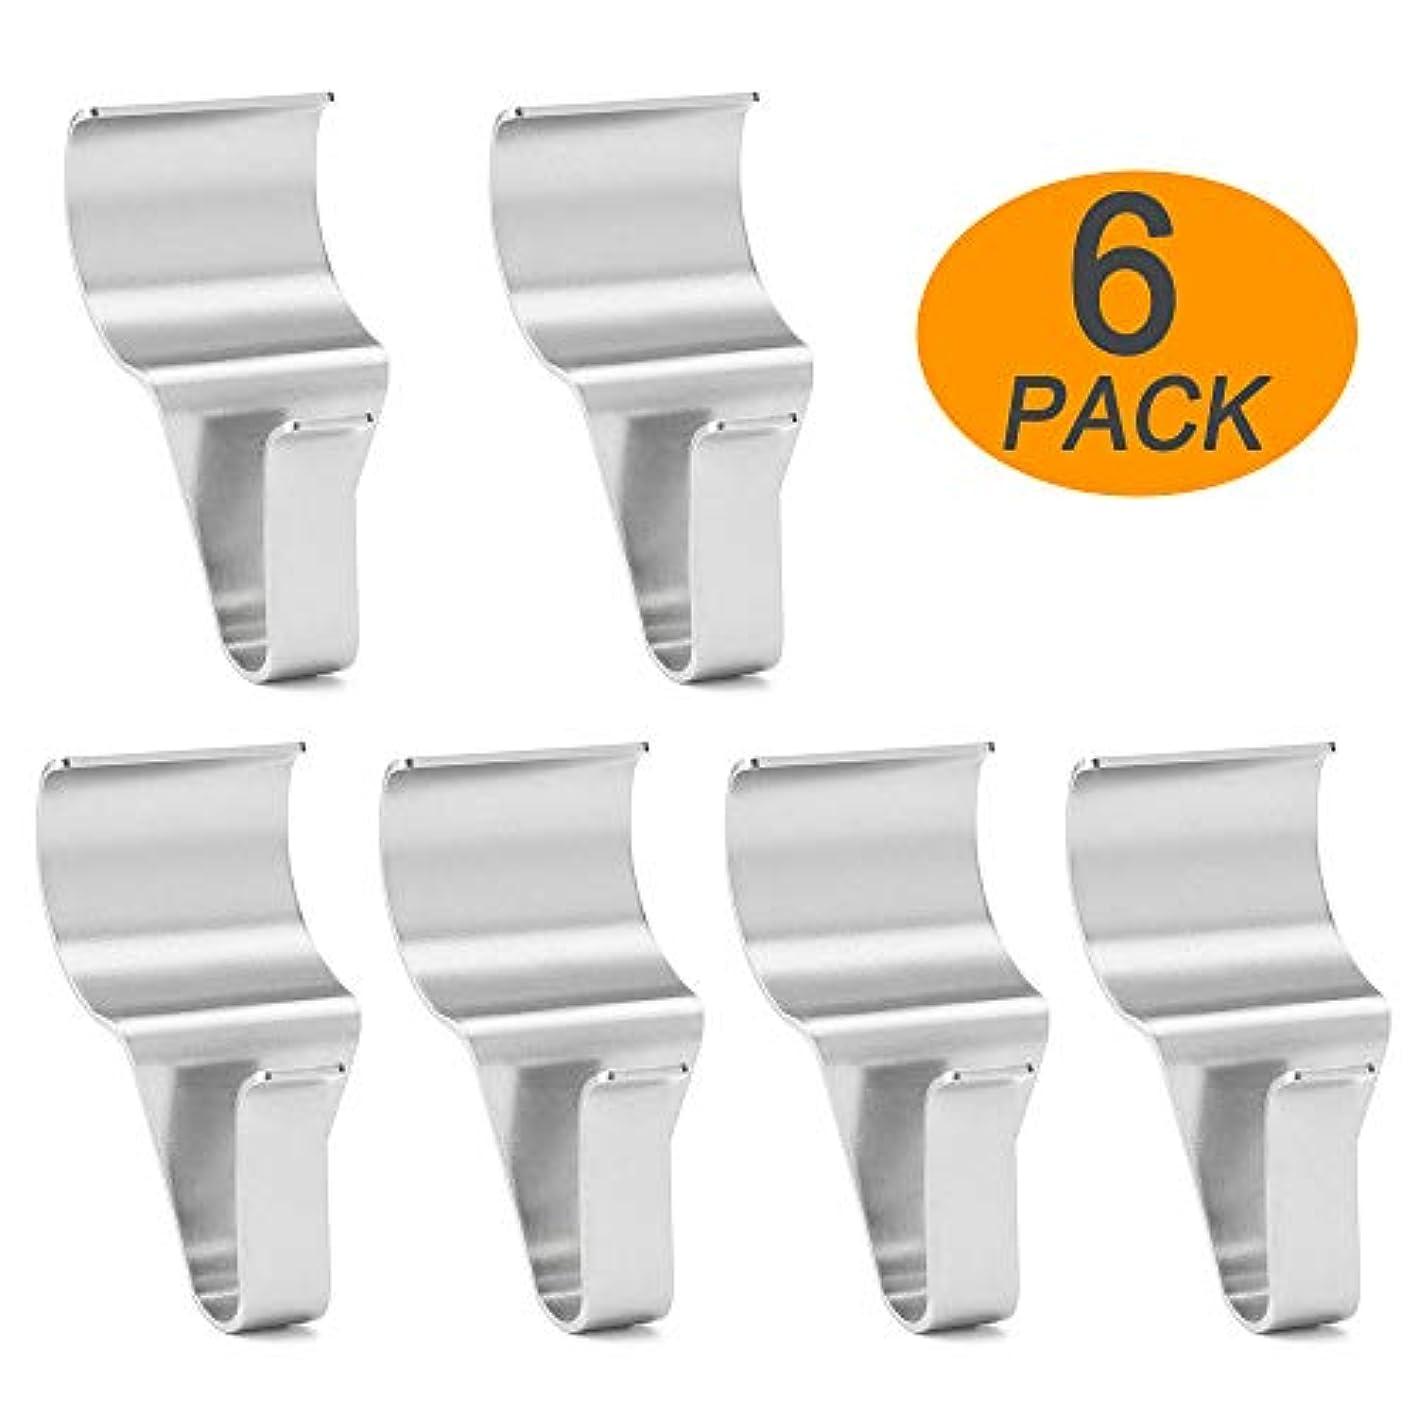 Wish Vinyl Siding Hangers Hooks (6 Pack), Heavy Duty Stainless Steel Low Profile No-Hole Hangers Hooks